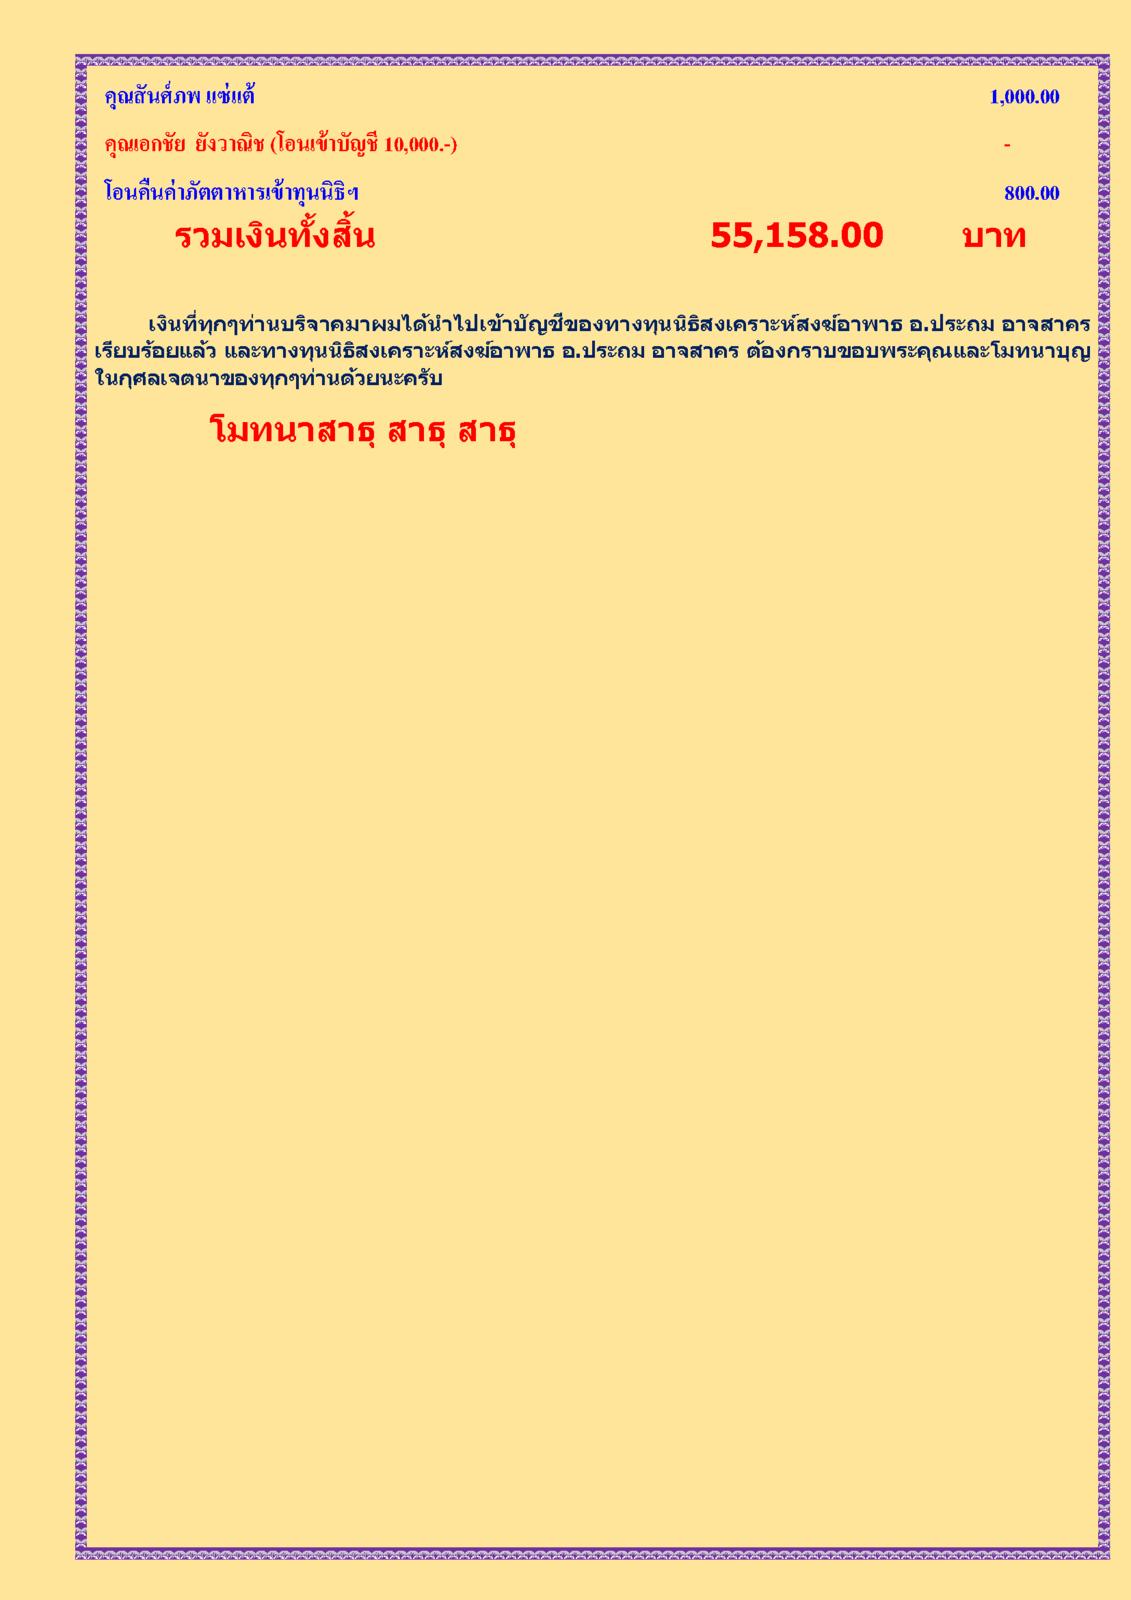 สรุปรายชื่อผู้บริจาคทุนนิธิฯสงฆ์อาพาธ ทำบุญเมื่อวันอาทิตย์ที่ 30 มิย 62_Page_3.png